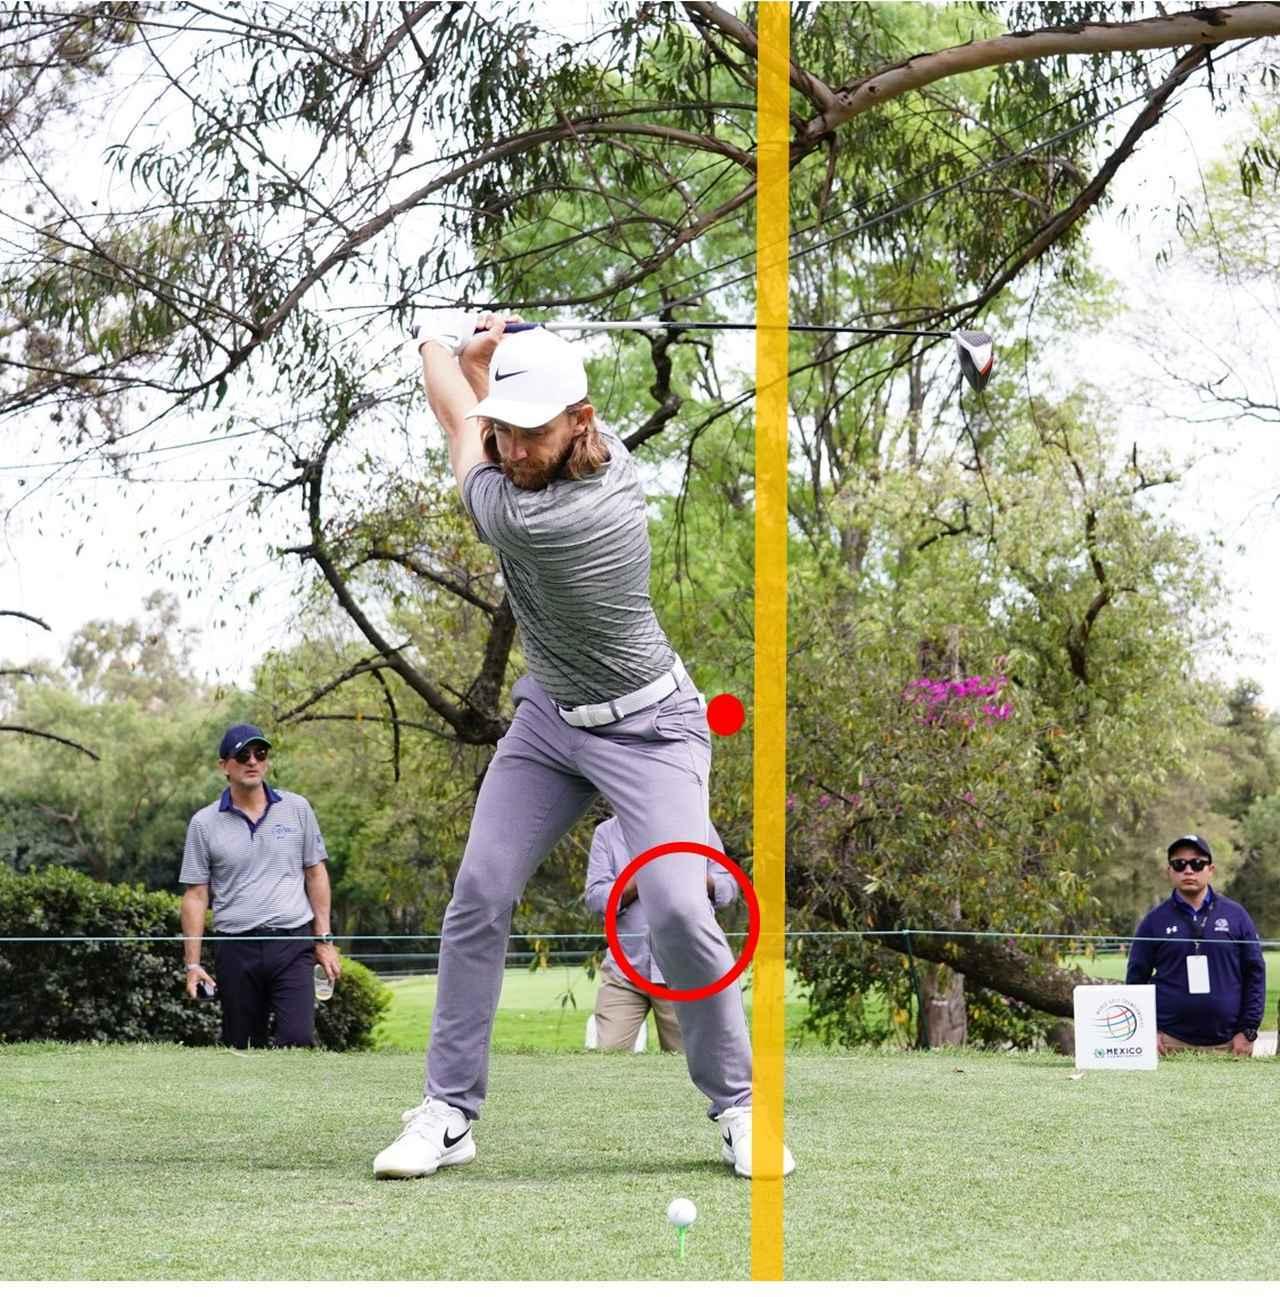 画像: 左わき腹を強く締めることで、肩がタテに回転する